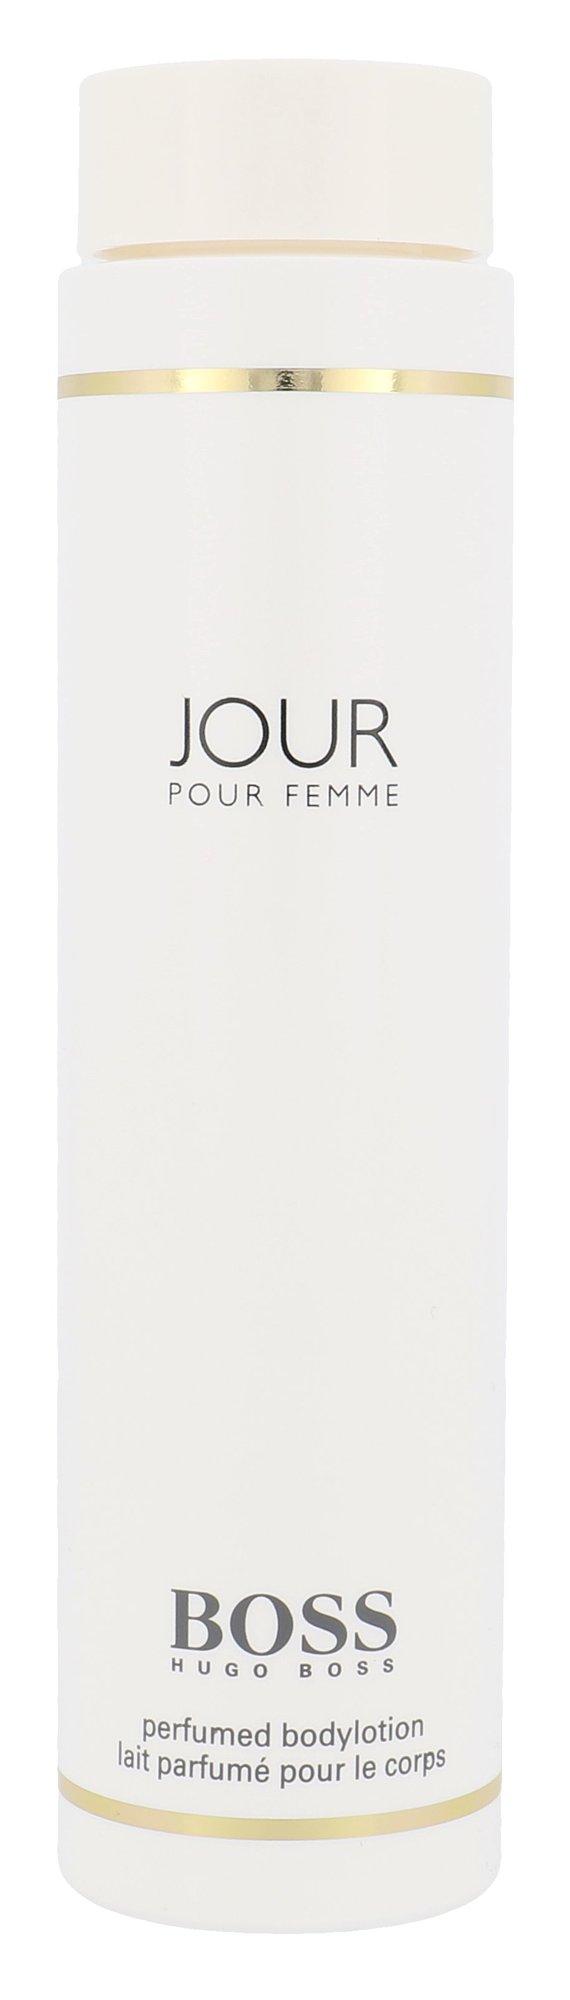 HUGO BOSS Jour Pour Femme Body lotion 200ml